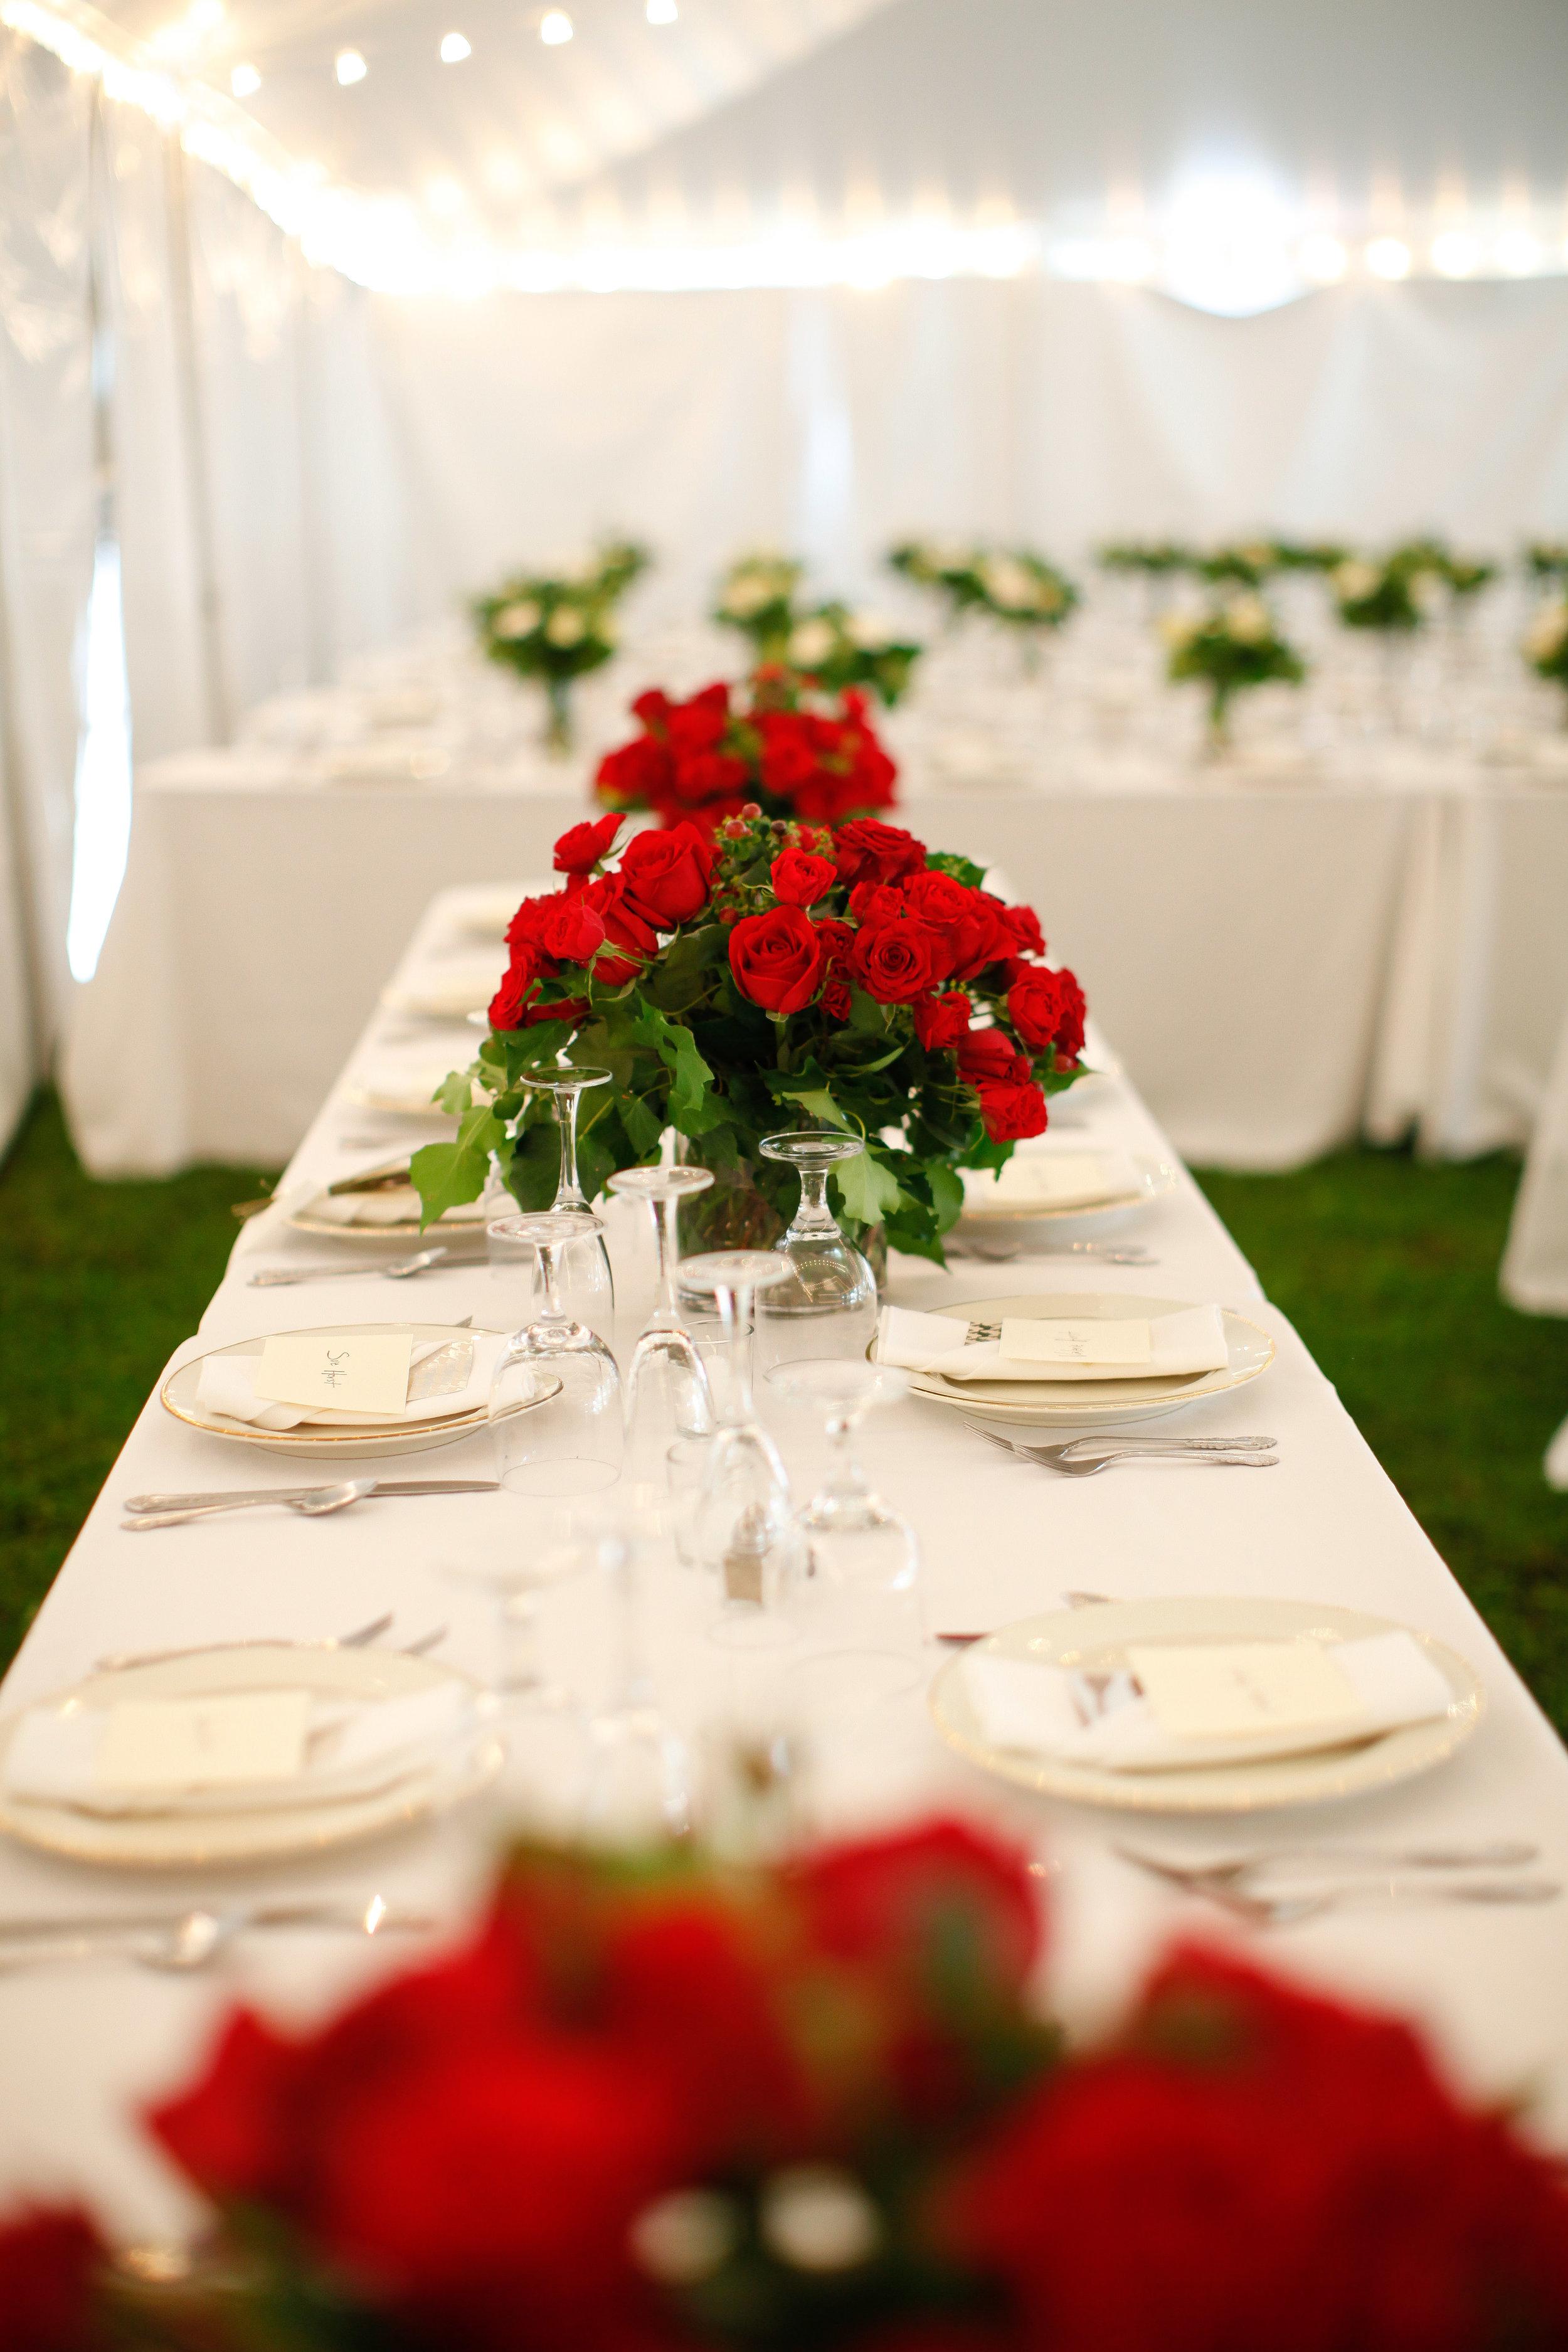 Wedding rentals in Warminster